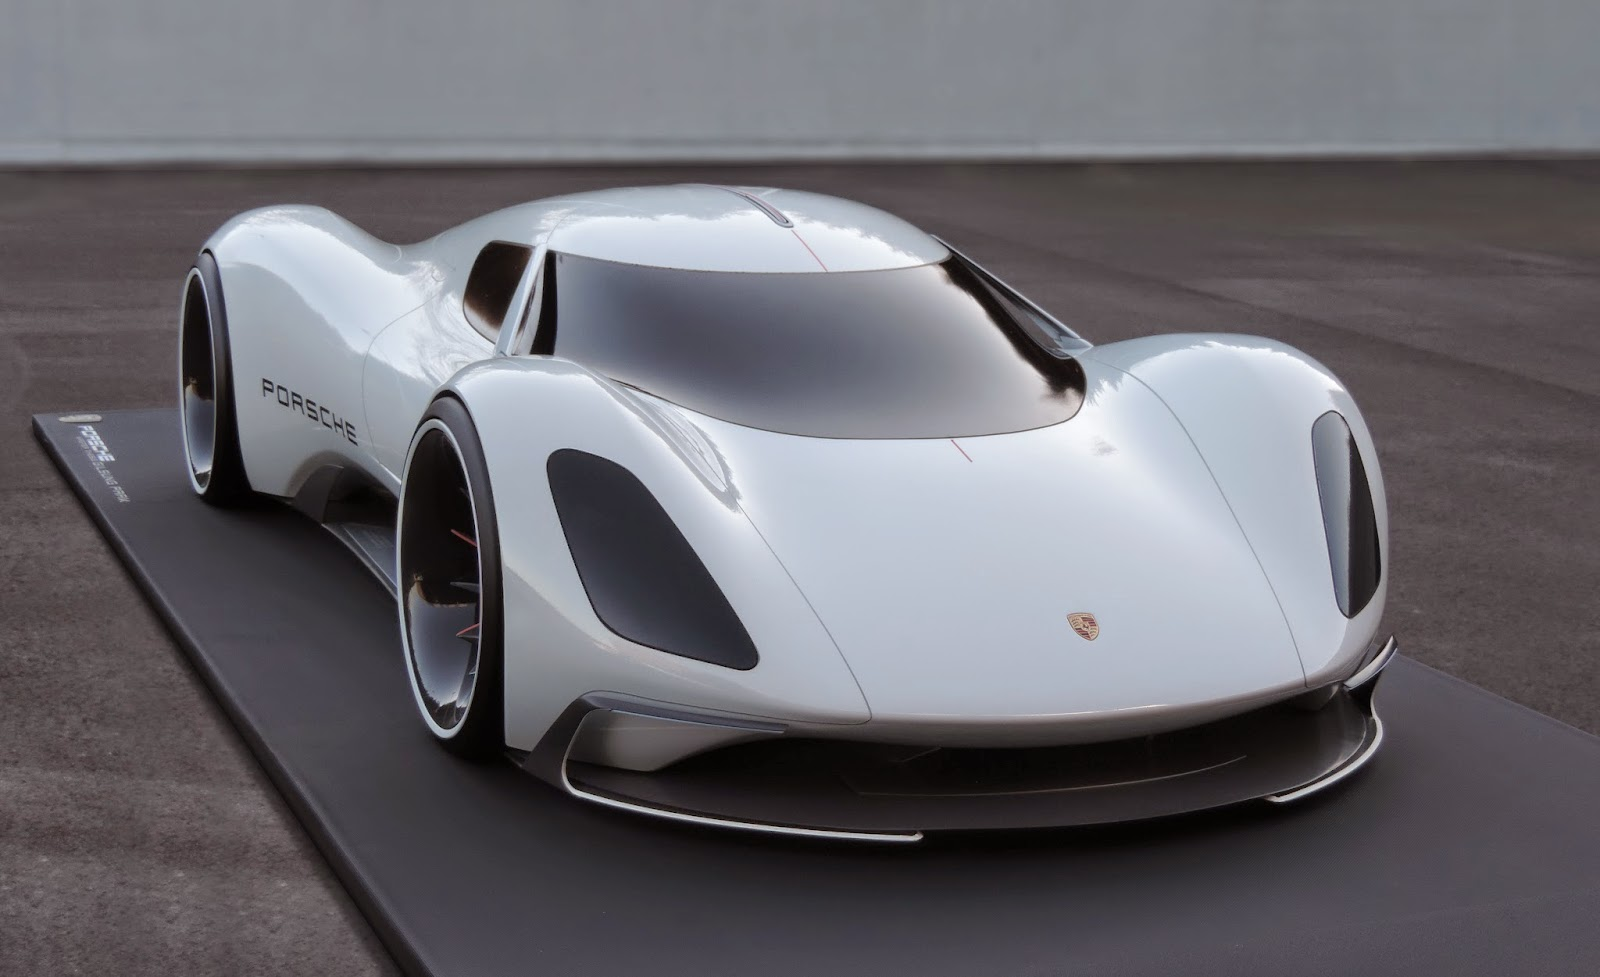 Porsche Electric Le Mans 2035 Prototype front end - NO Car ...